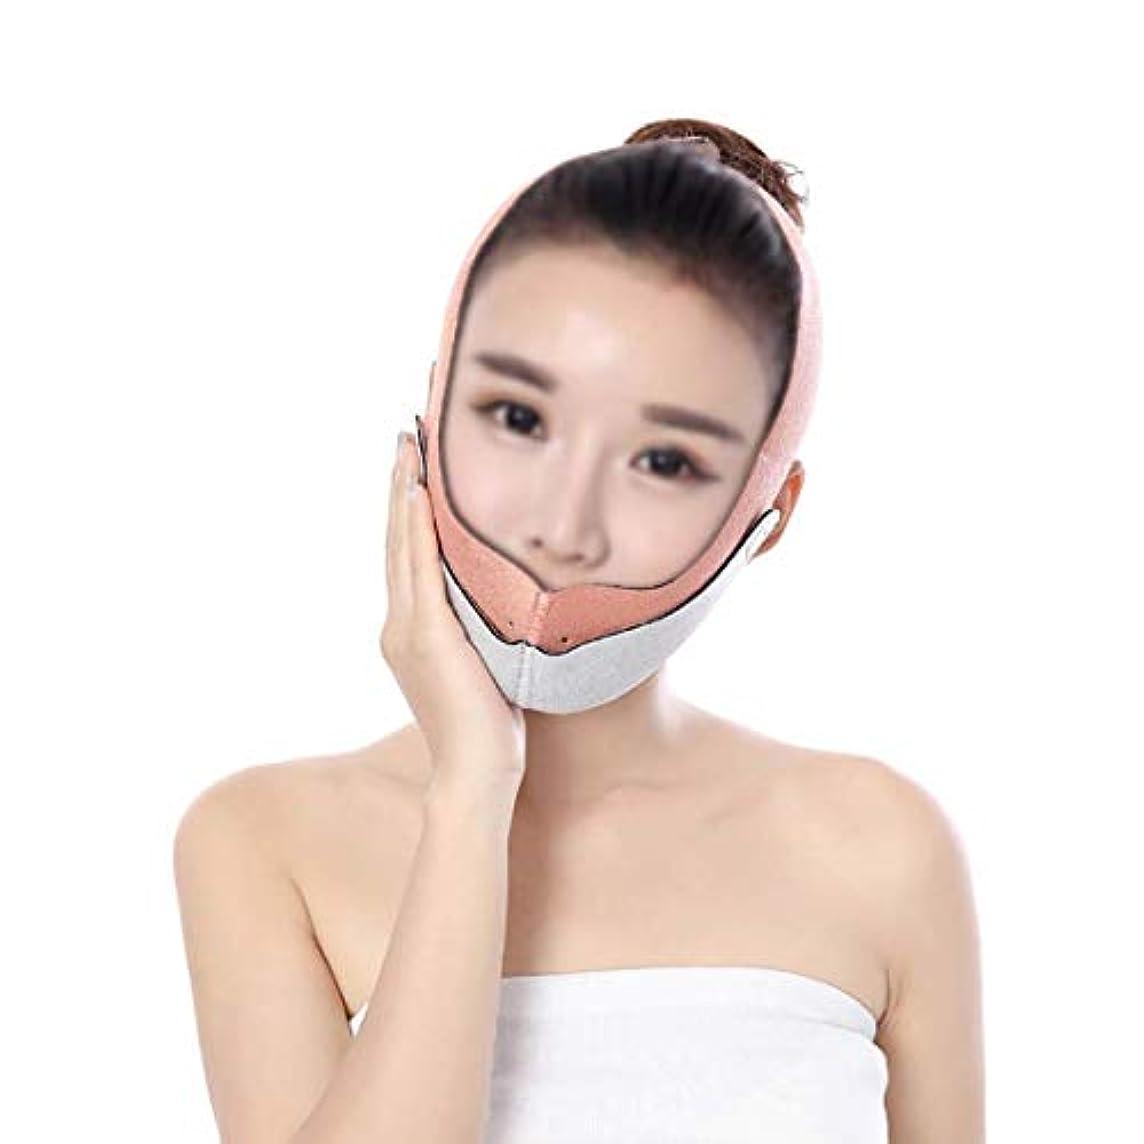 専制アナロジー時間厳守ファーミングフェイスマスク、フェイスリフティングアーティファクト修正フェイスリフティングベルトたるみ防止包帯美容マスクマスクV顔布ツール